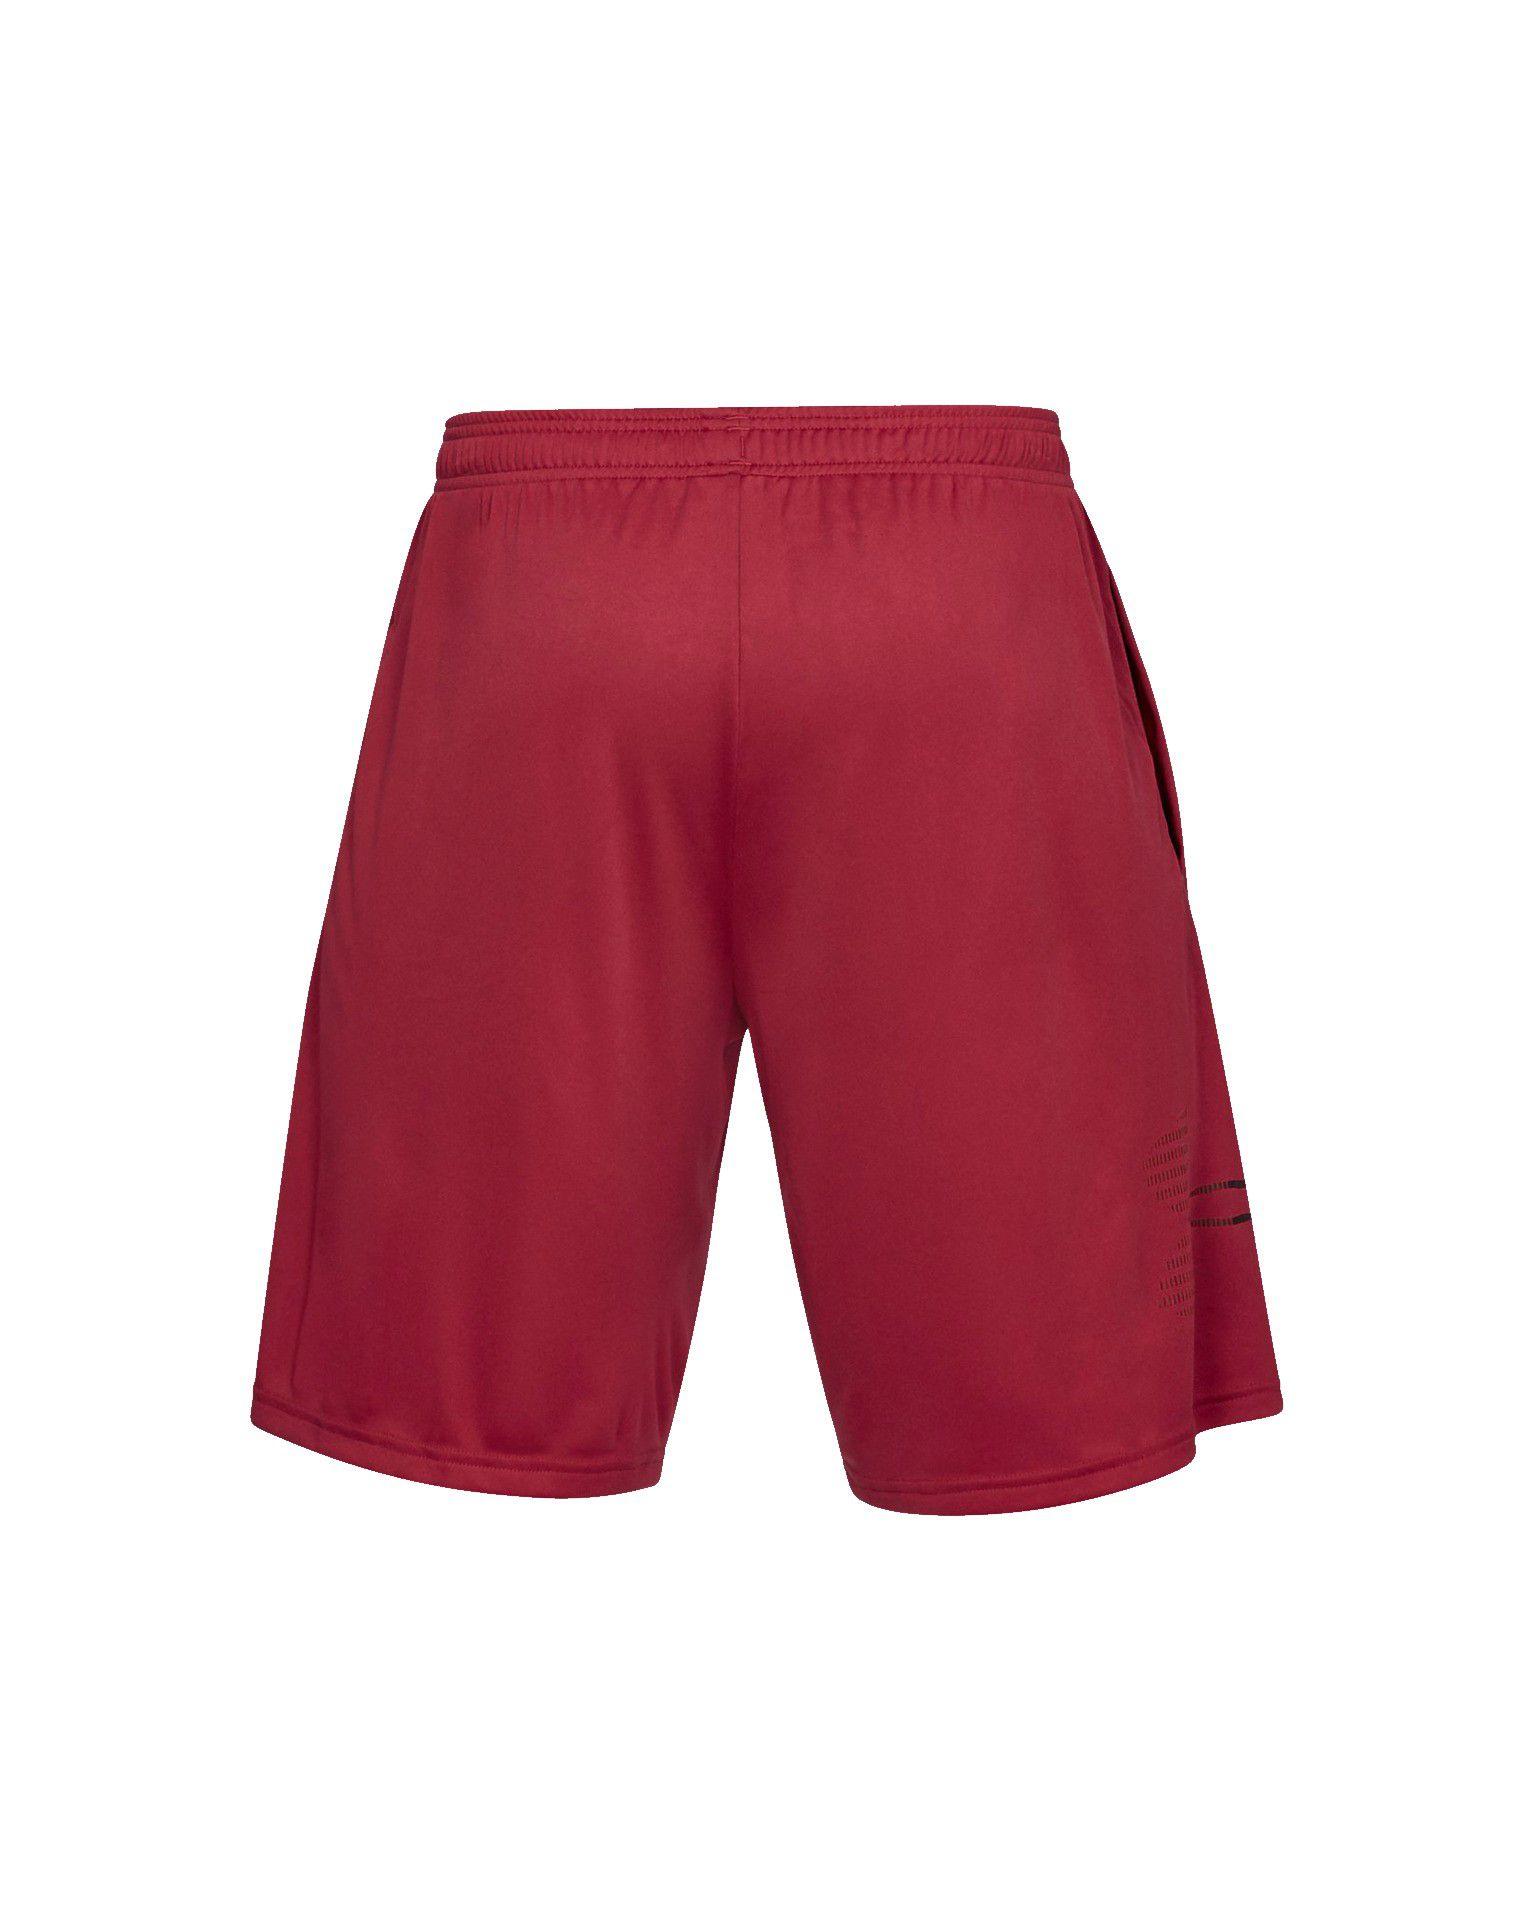 Shorts Under Armour Tech Graphic Vermelho